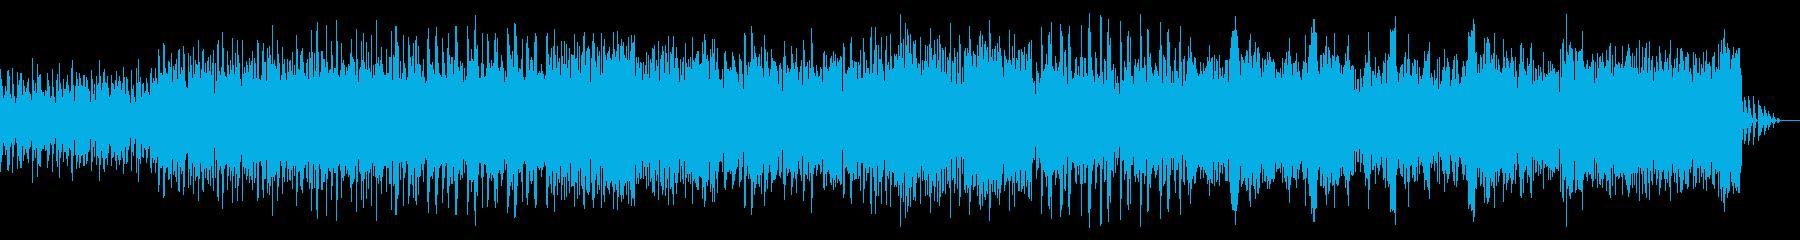 ダンス風ビートのシネマティックBGMの再生済みの波形